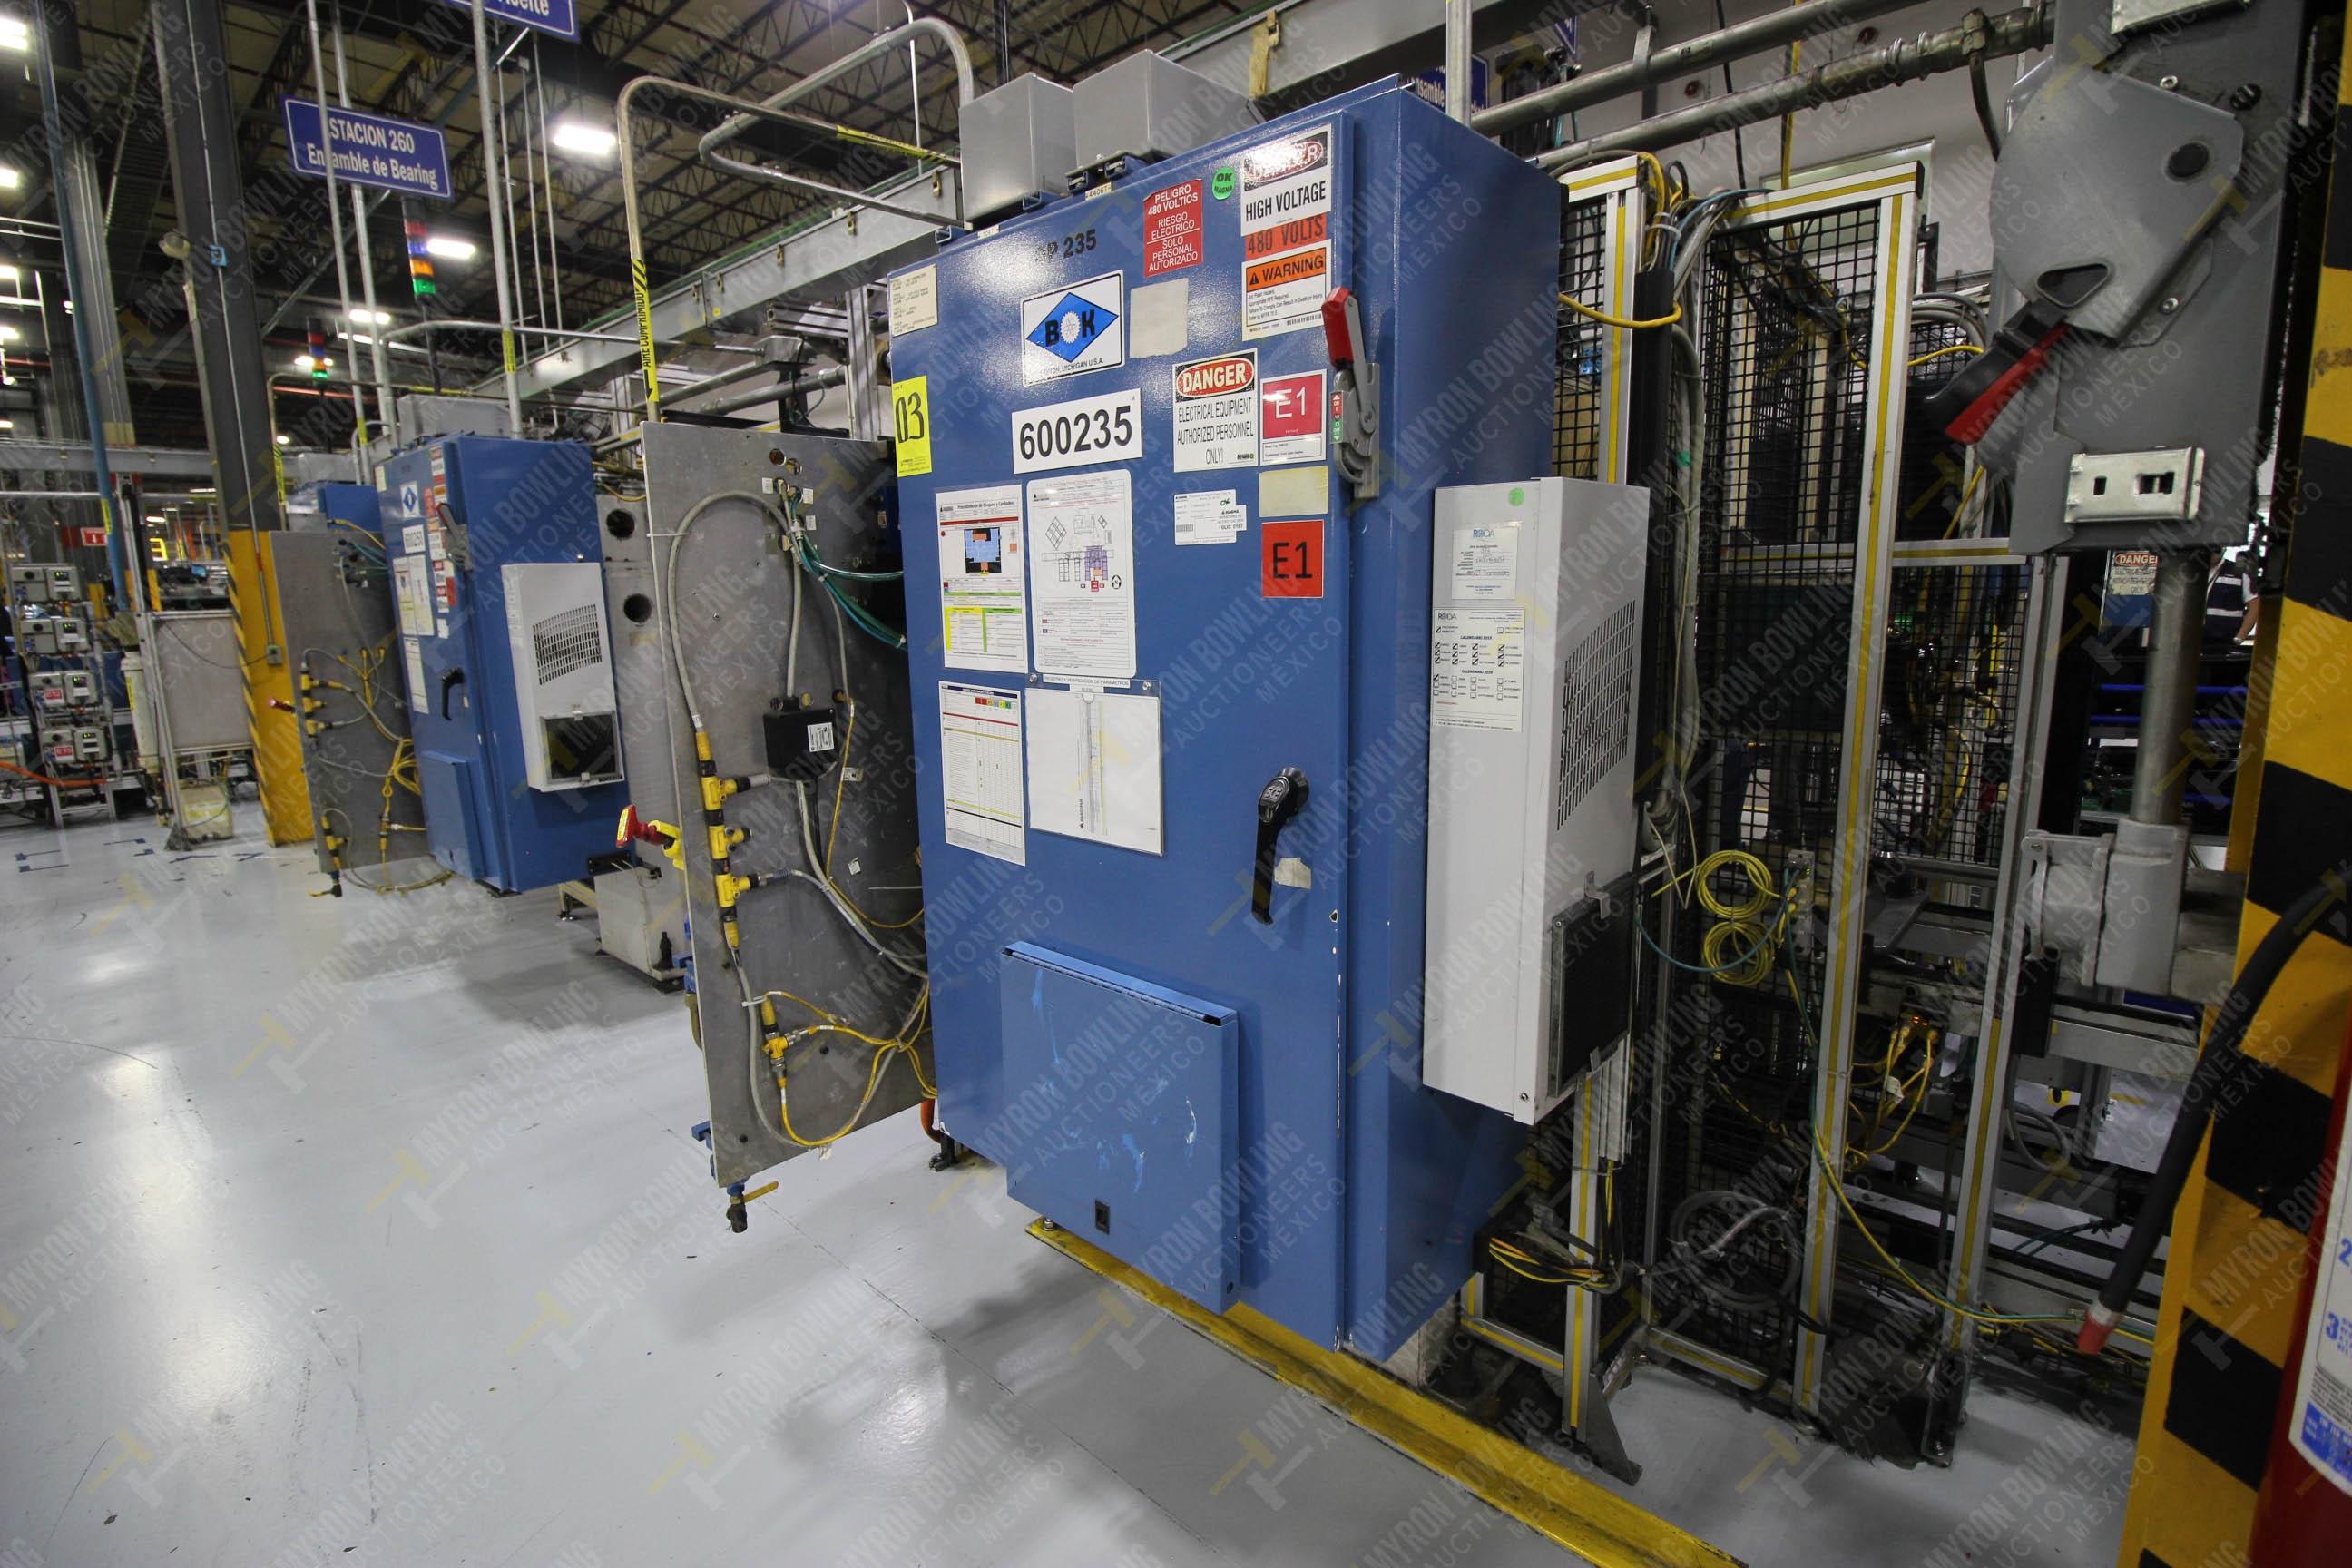 Estación semiautomáticapara operación 235 de ensamble de candado - Image 19 of 22